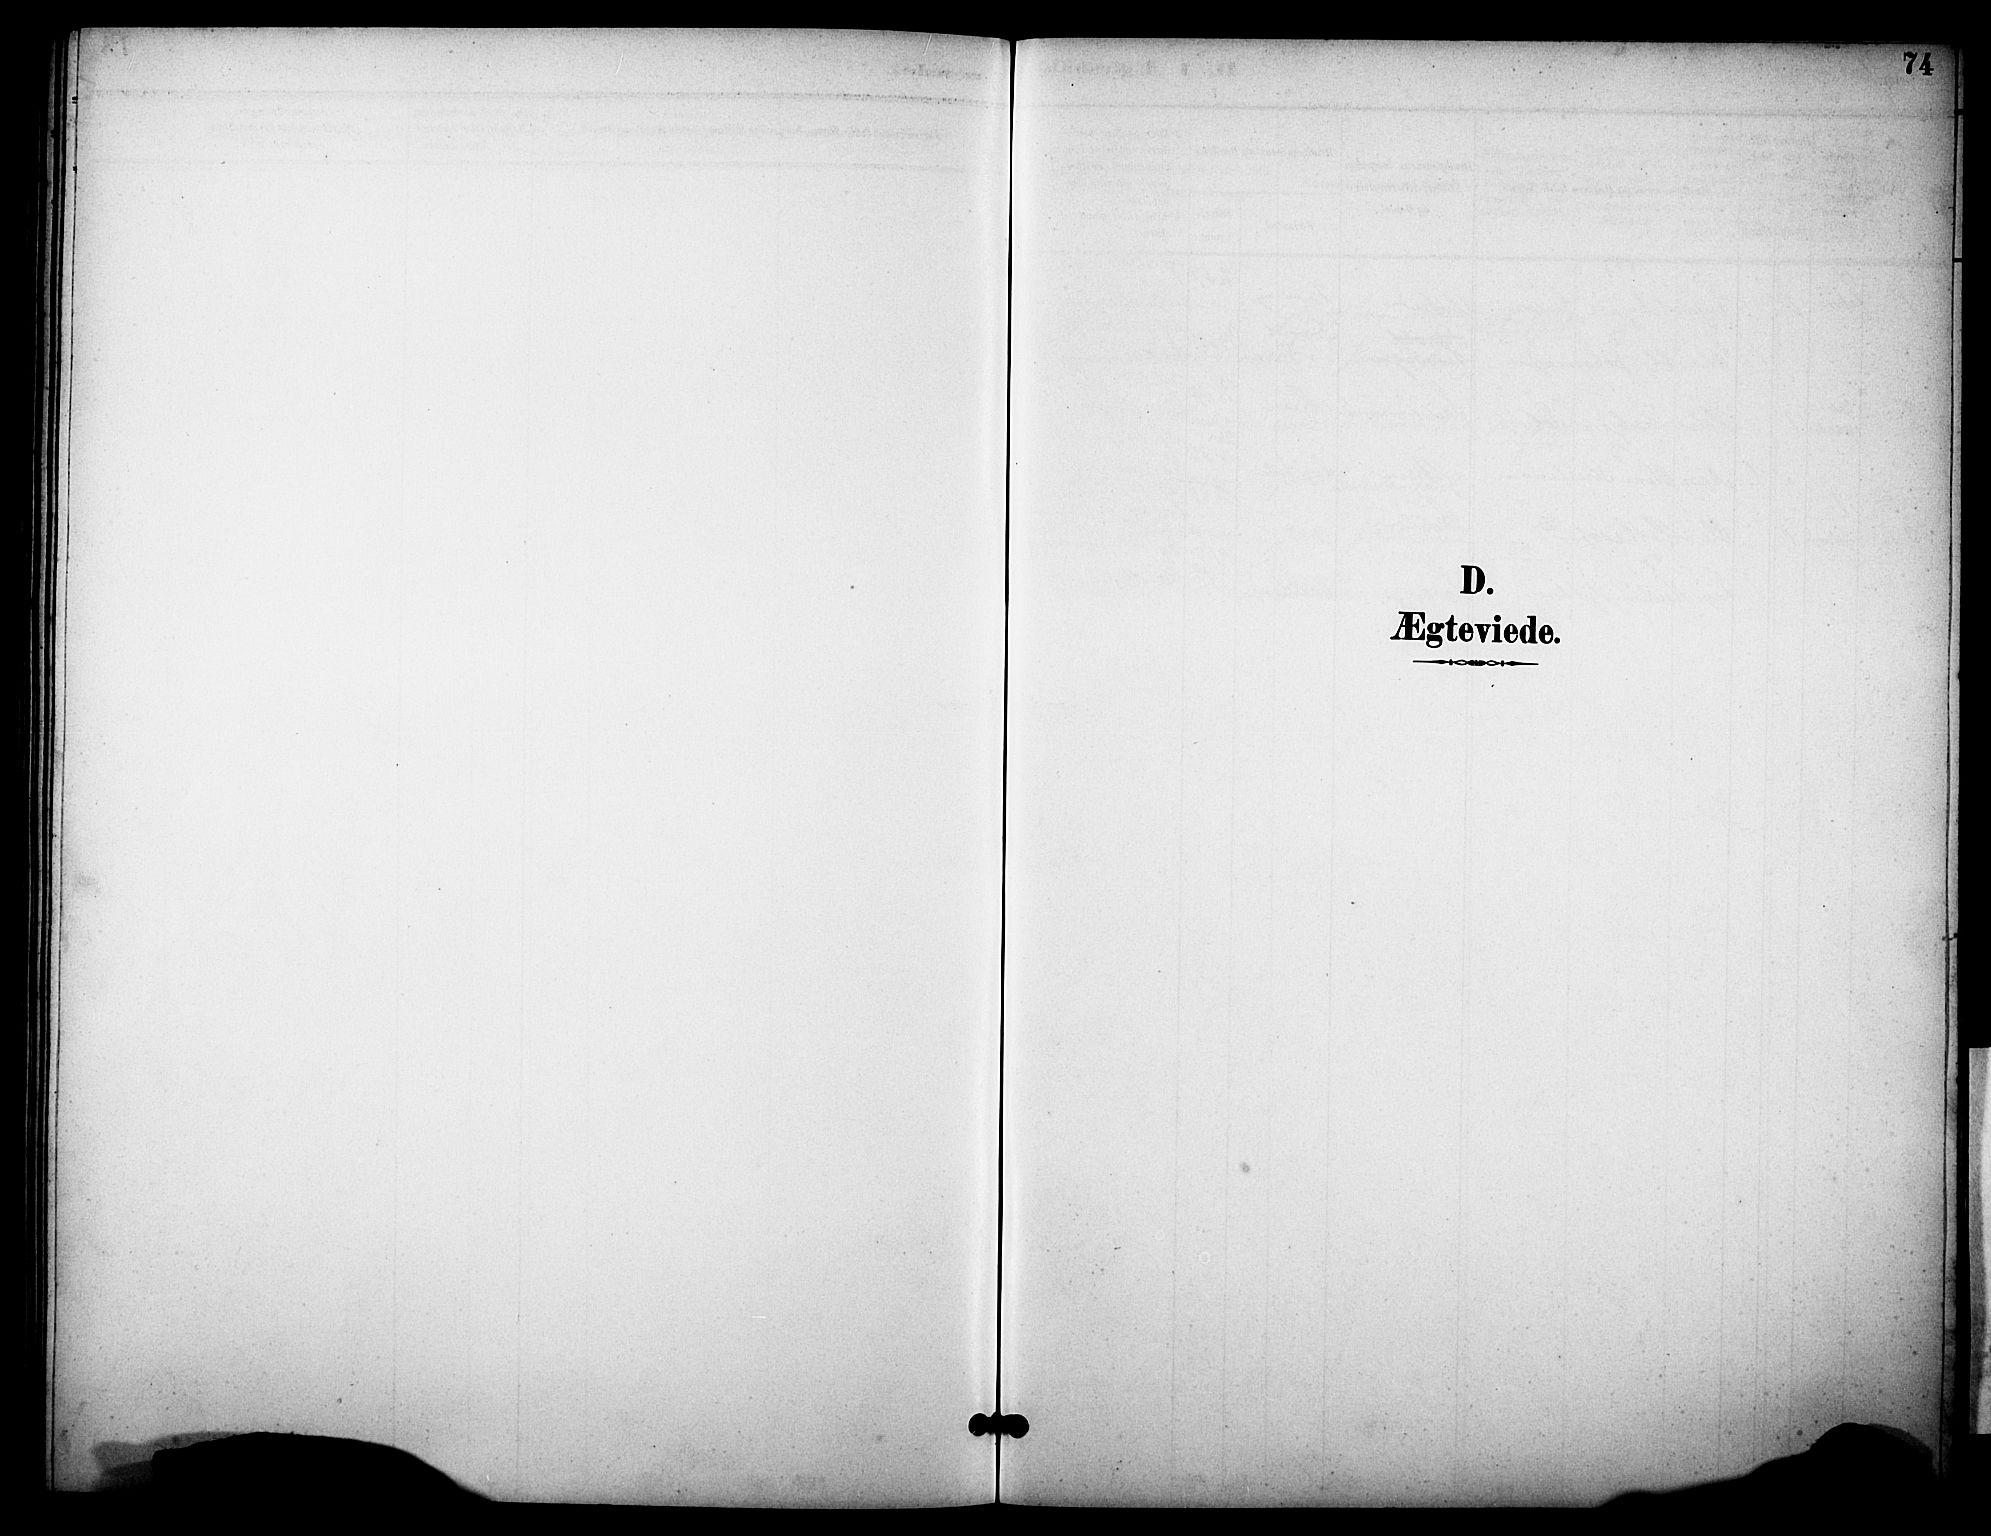 SAKO, Skåtøy kirkebøker, G/Gb/L0001: Klokkerbok nr. II 1, 1892-1916, s. 74